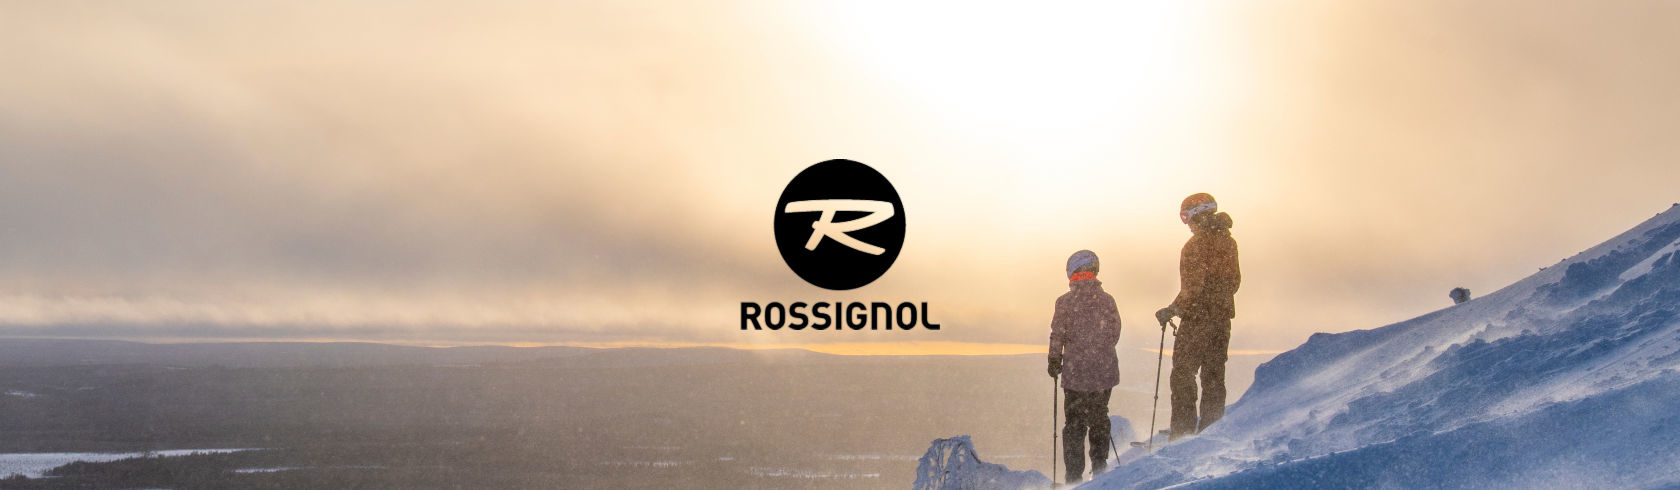 Rossignol brand logo